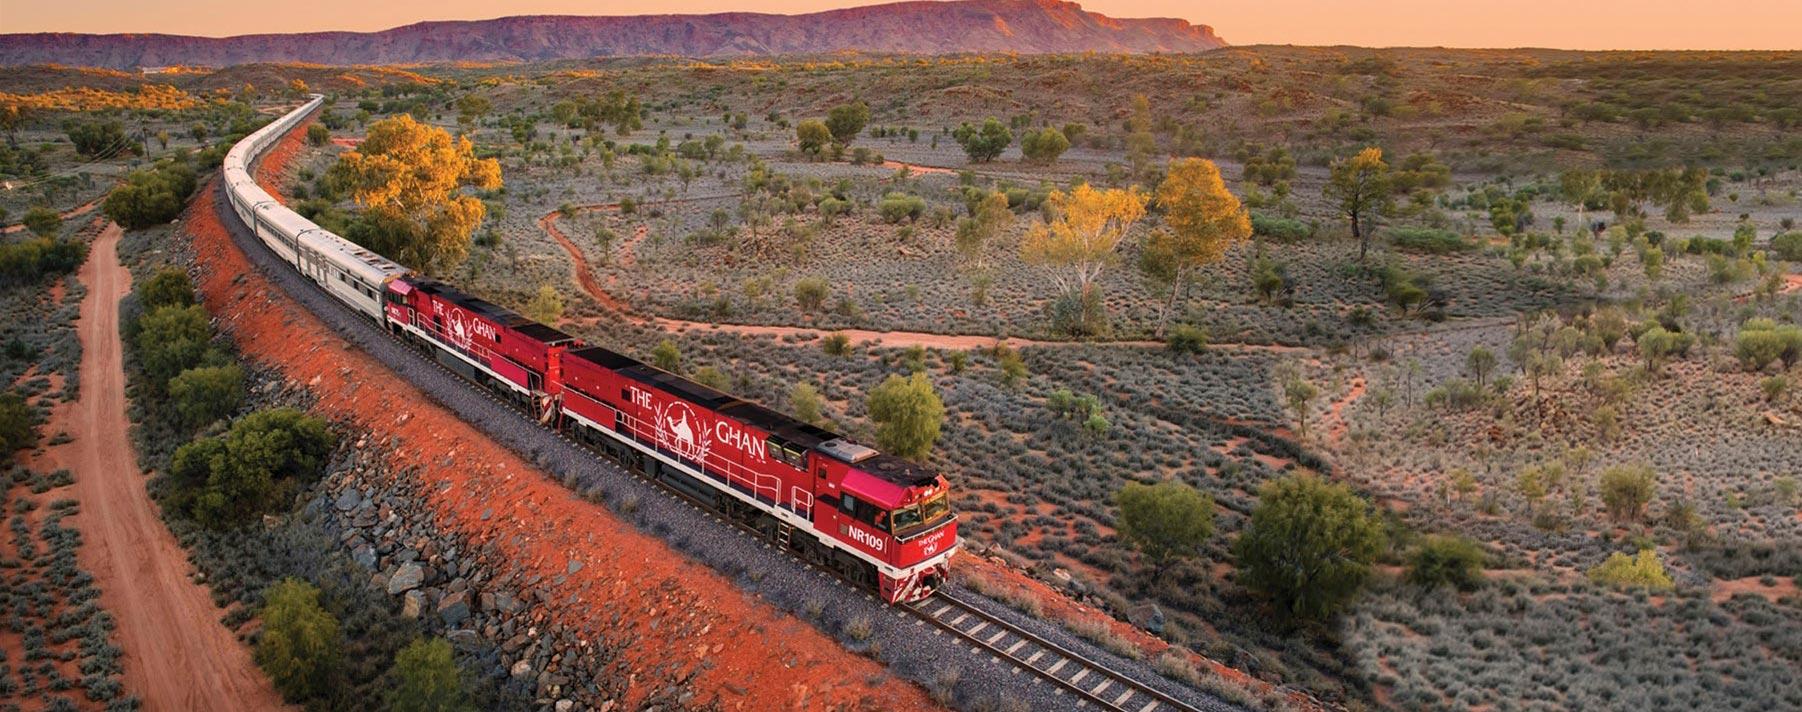 The Ghan, operado por Great Southern Rail, es un tren legendario que mantiene una conexión romántica con la tierra.